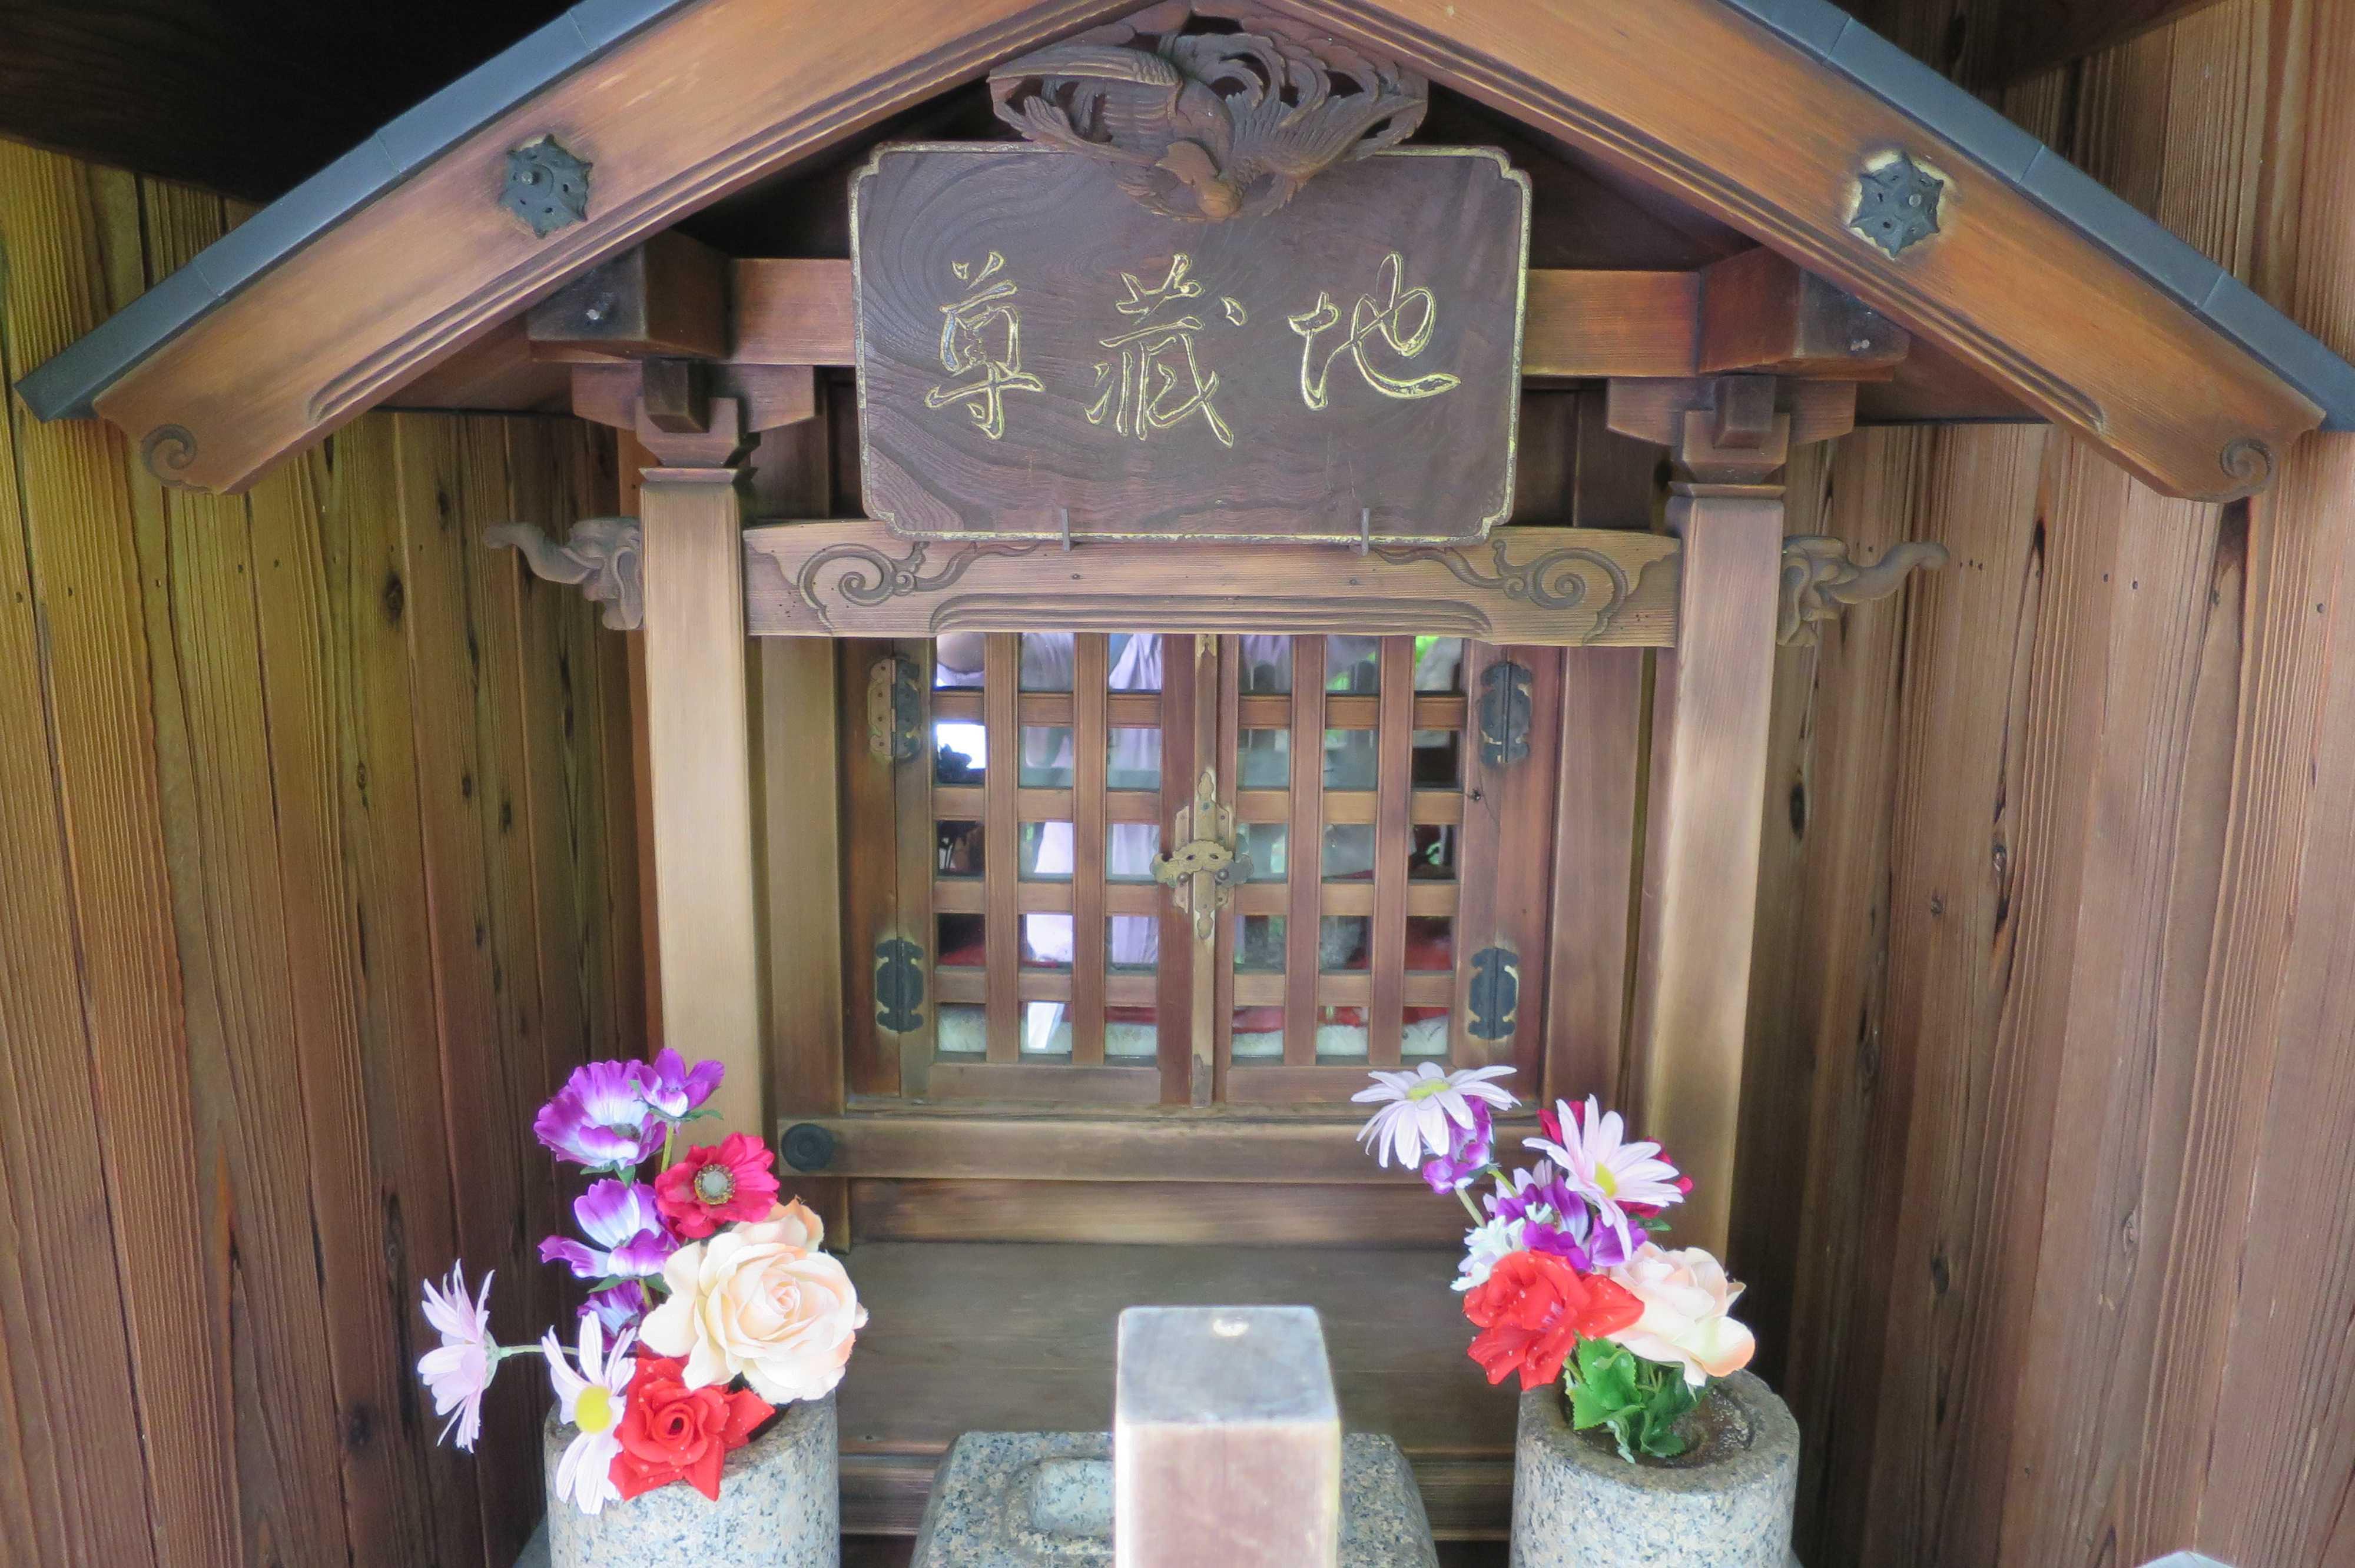 京都 - ザクロの木の下の地蔵尊